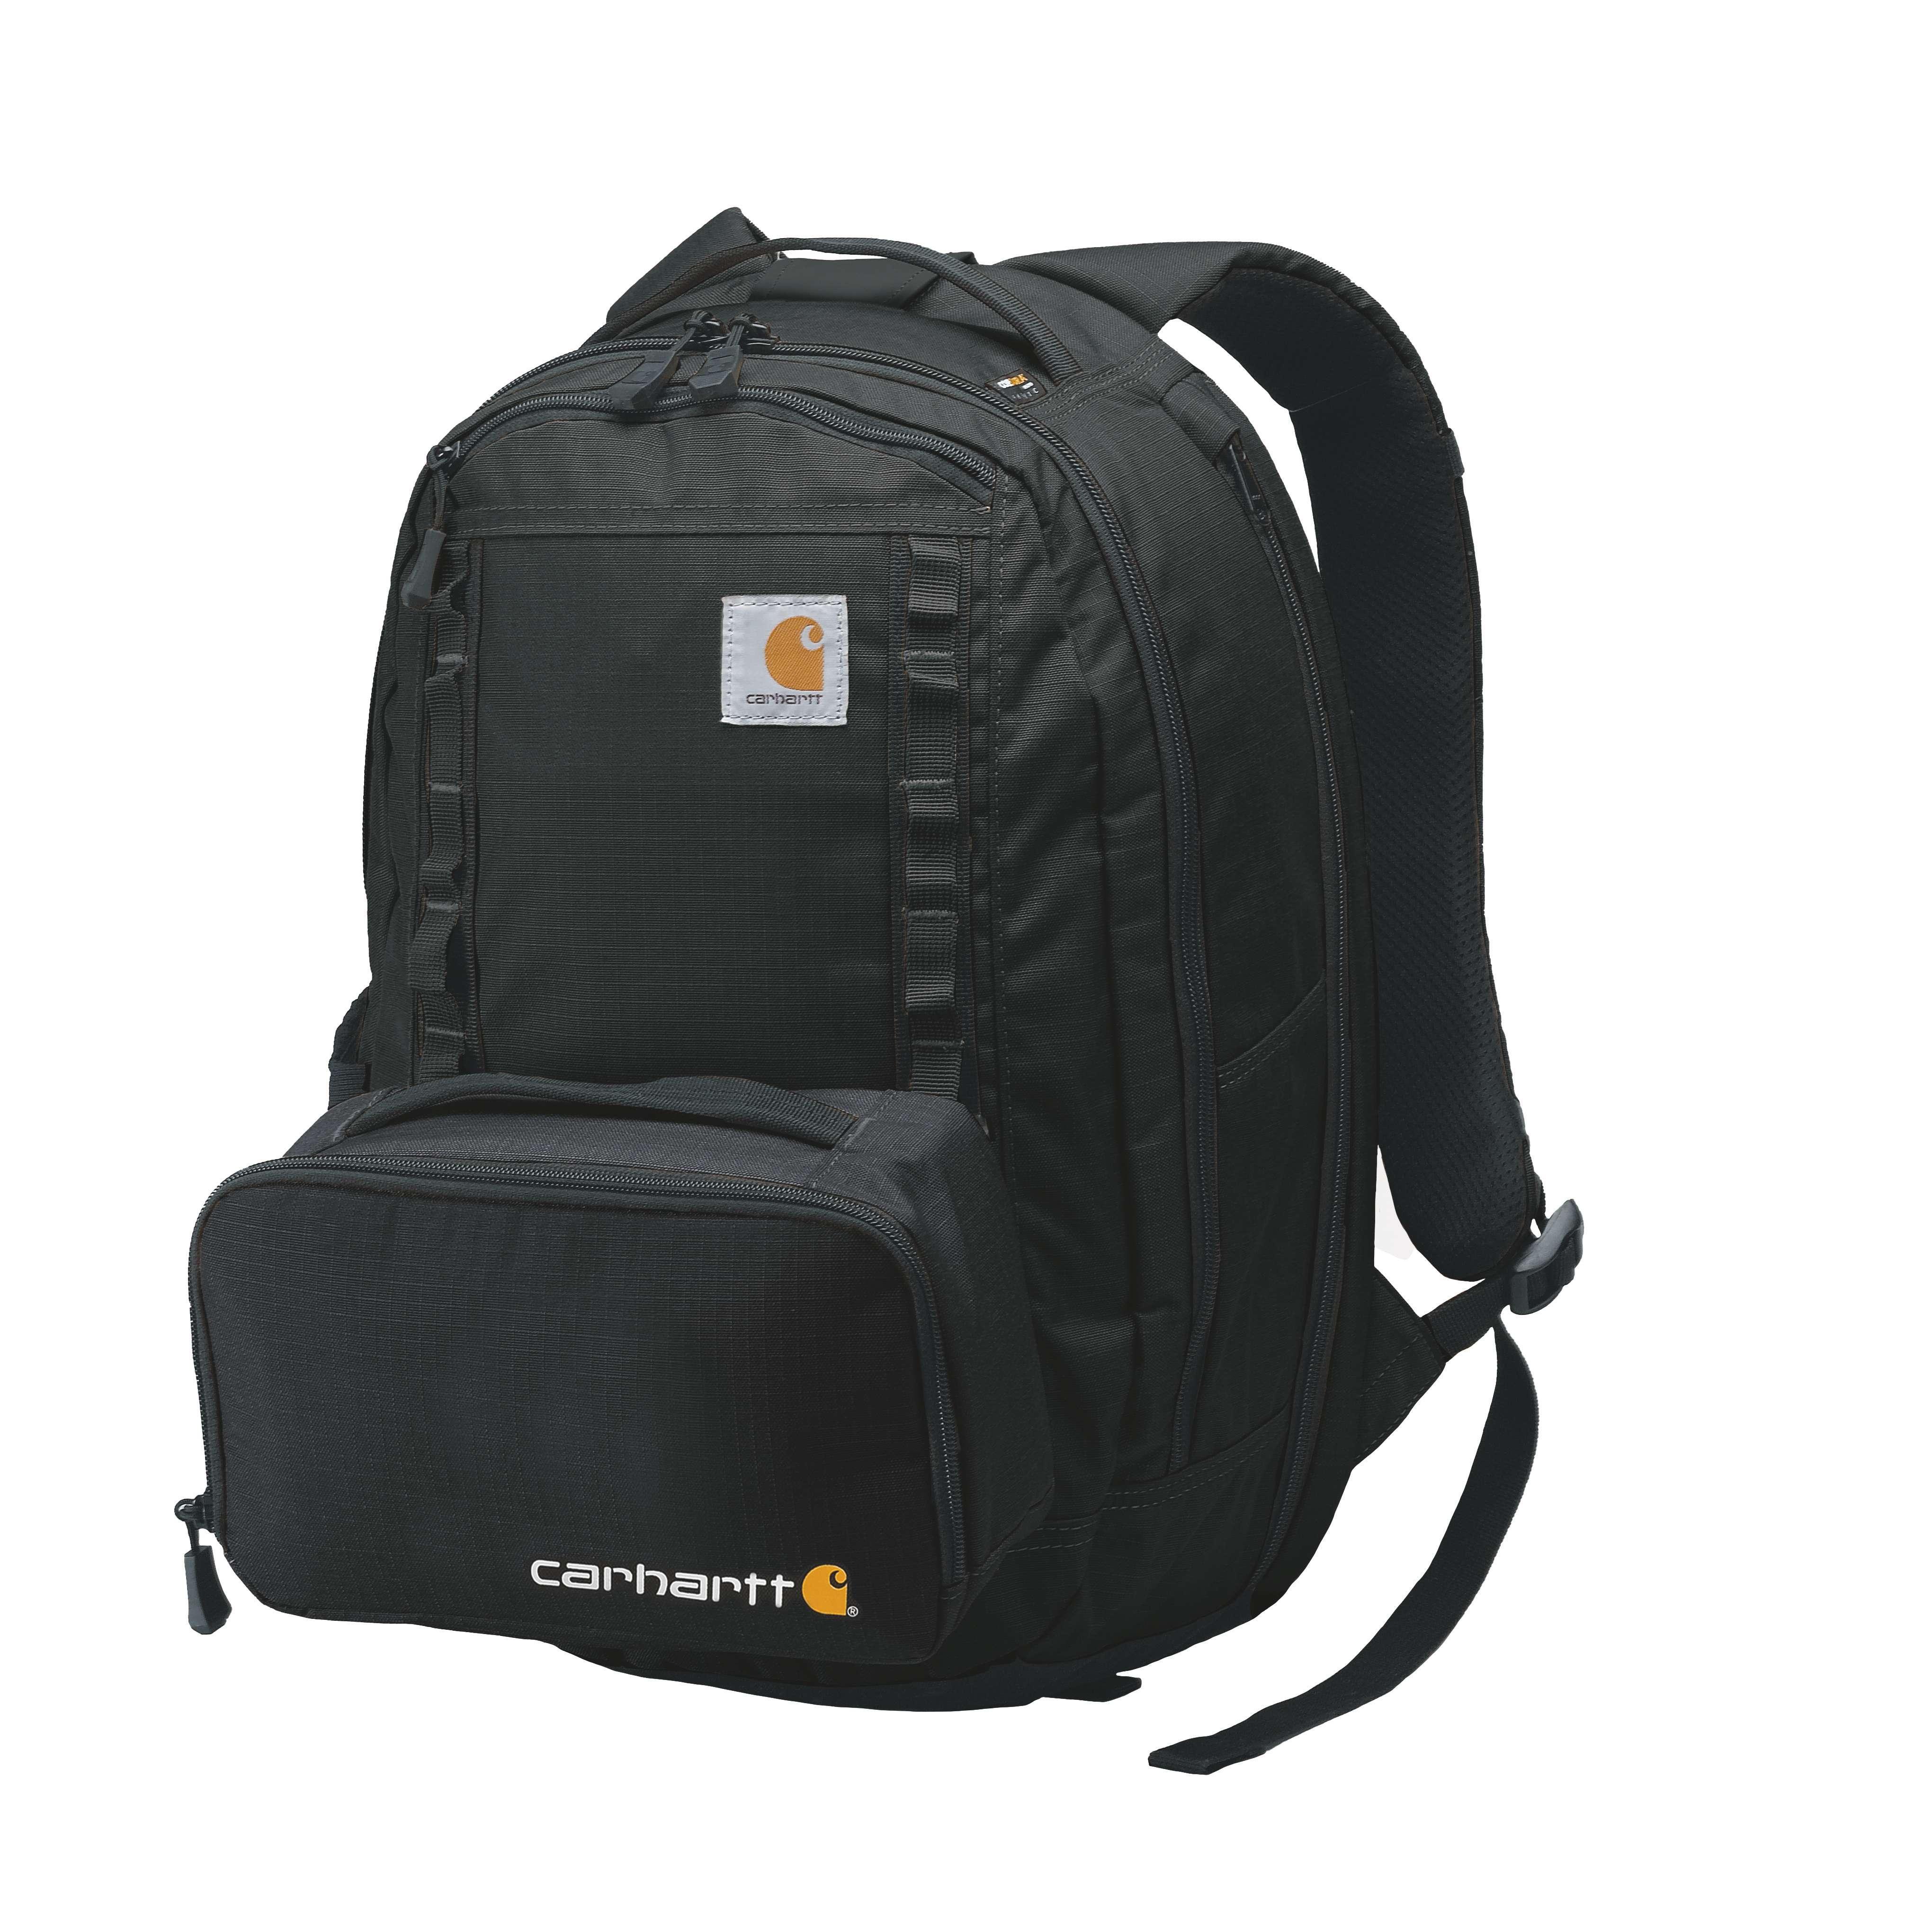 Carhartt Medium Pack + 3 Can Insulated Cooler